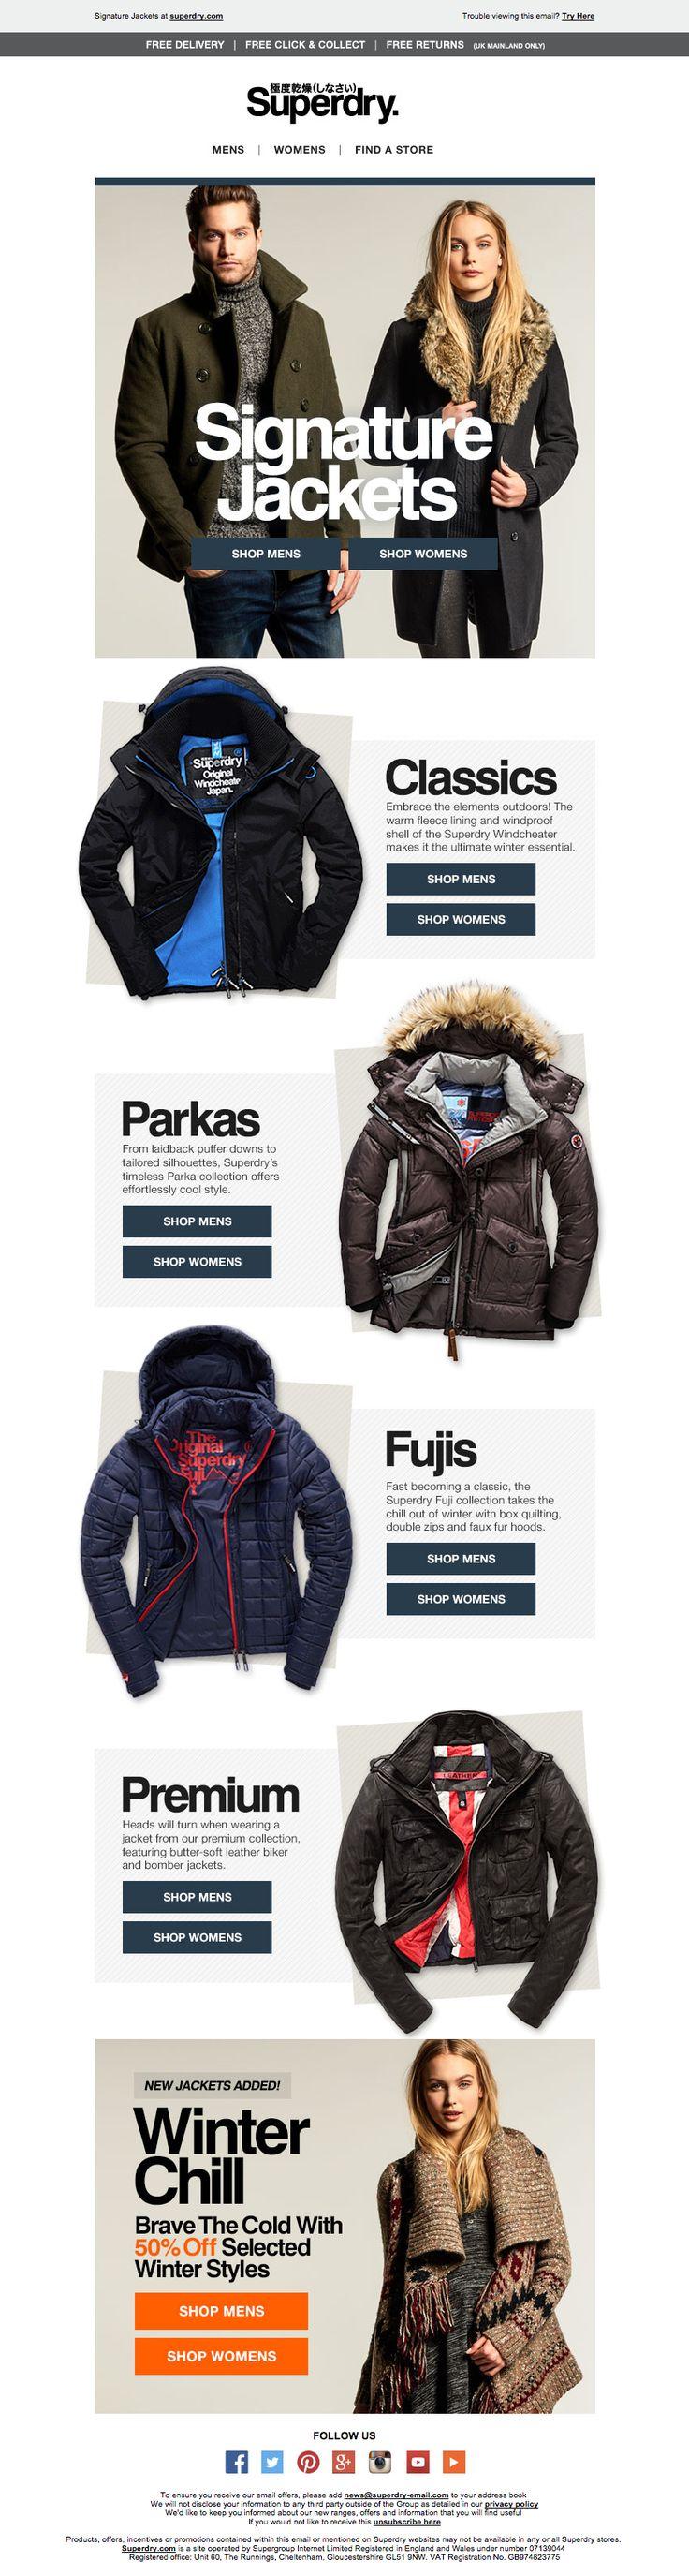 Superdry Jackets Email / Newsletter Design